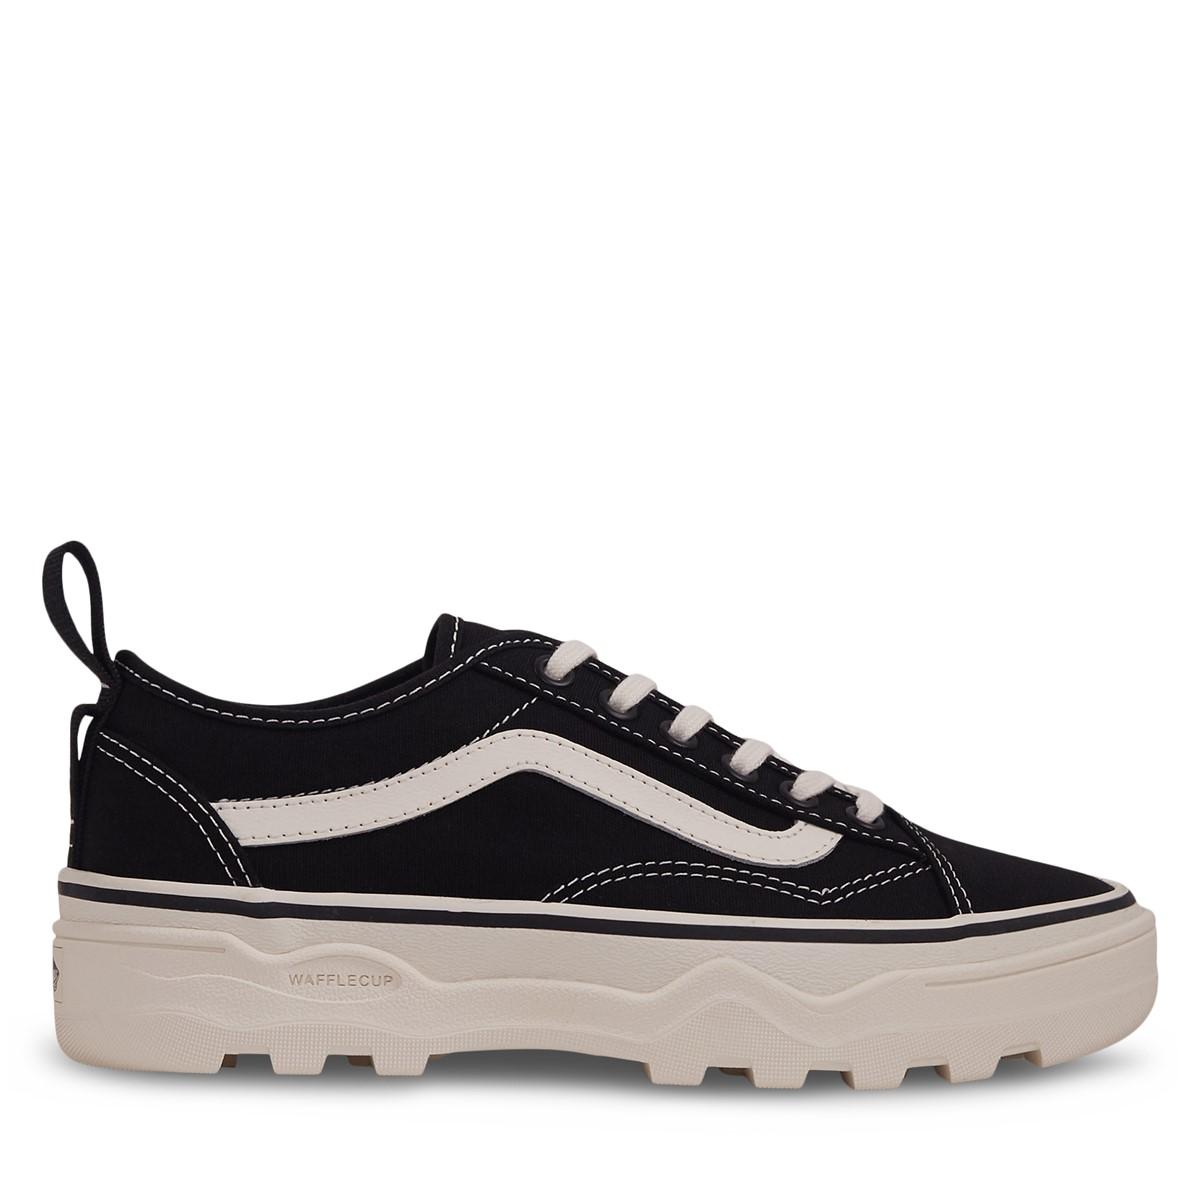 Sentry Old Skool WC Sneakers in Black/White